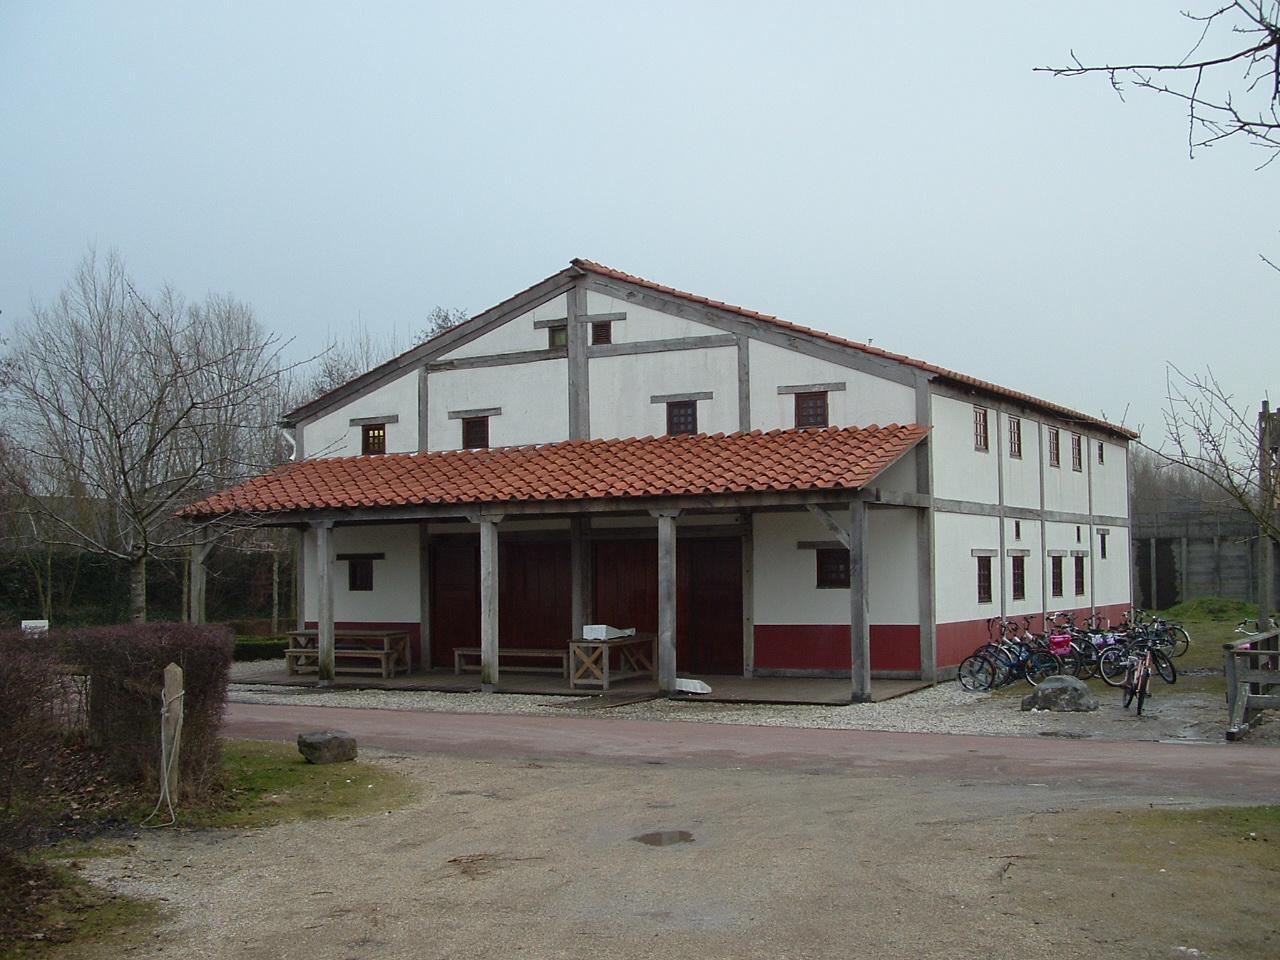 Uitbreiding Domus (Romeins huis) met logeervoorziening voor groepen